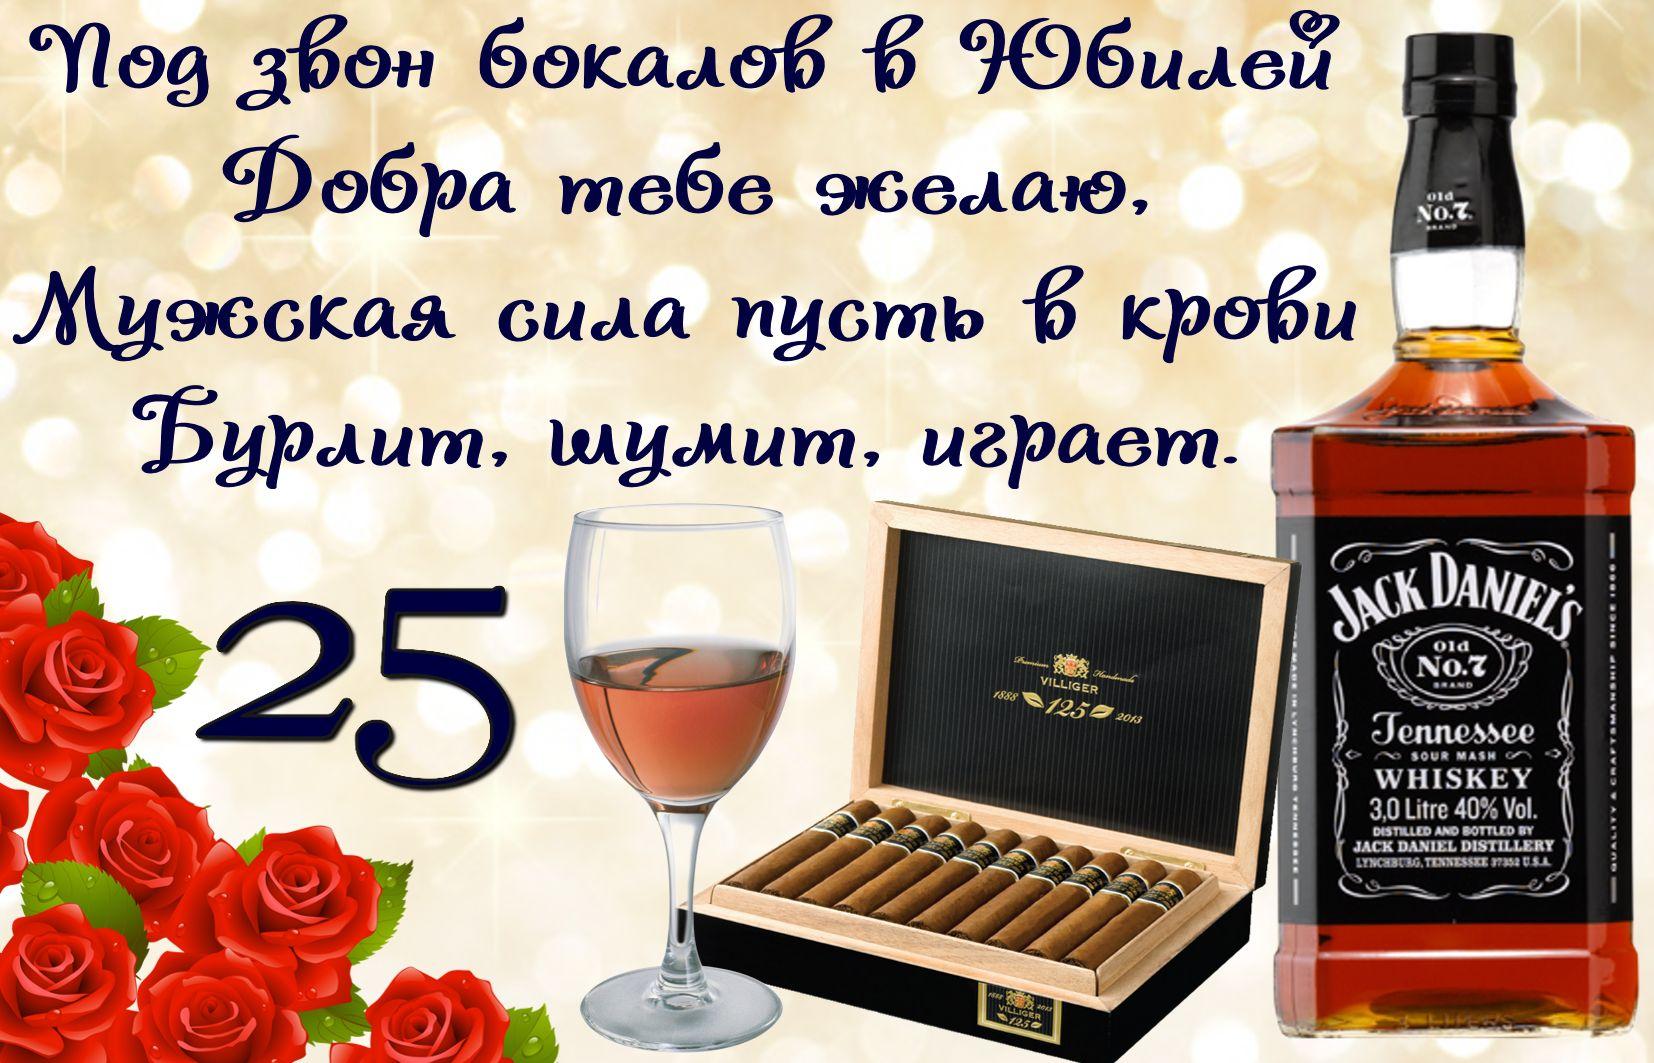 Открытка на 25 лет - виски и сигары на юбилей мужчине